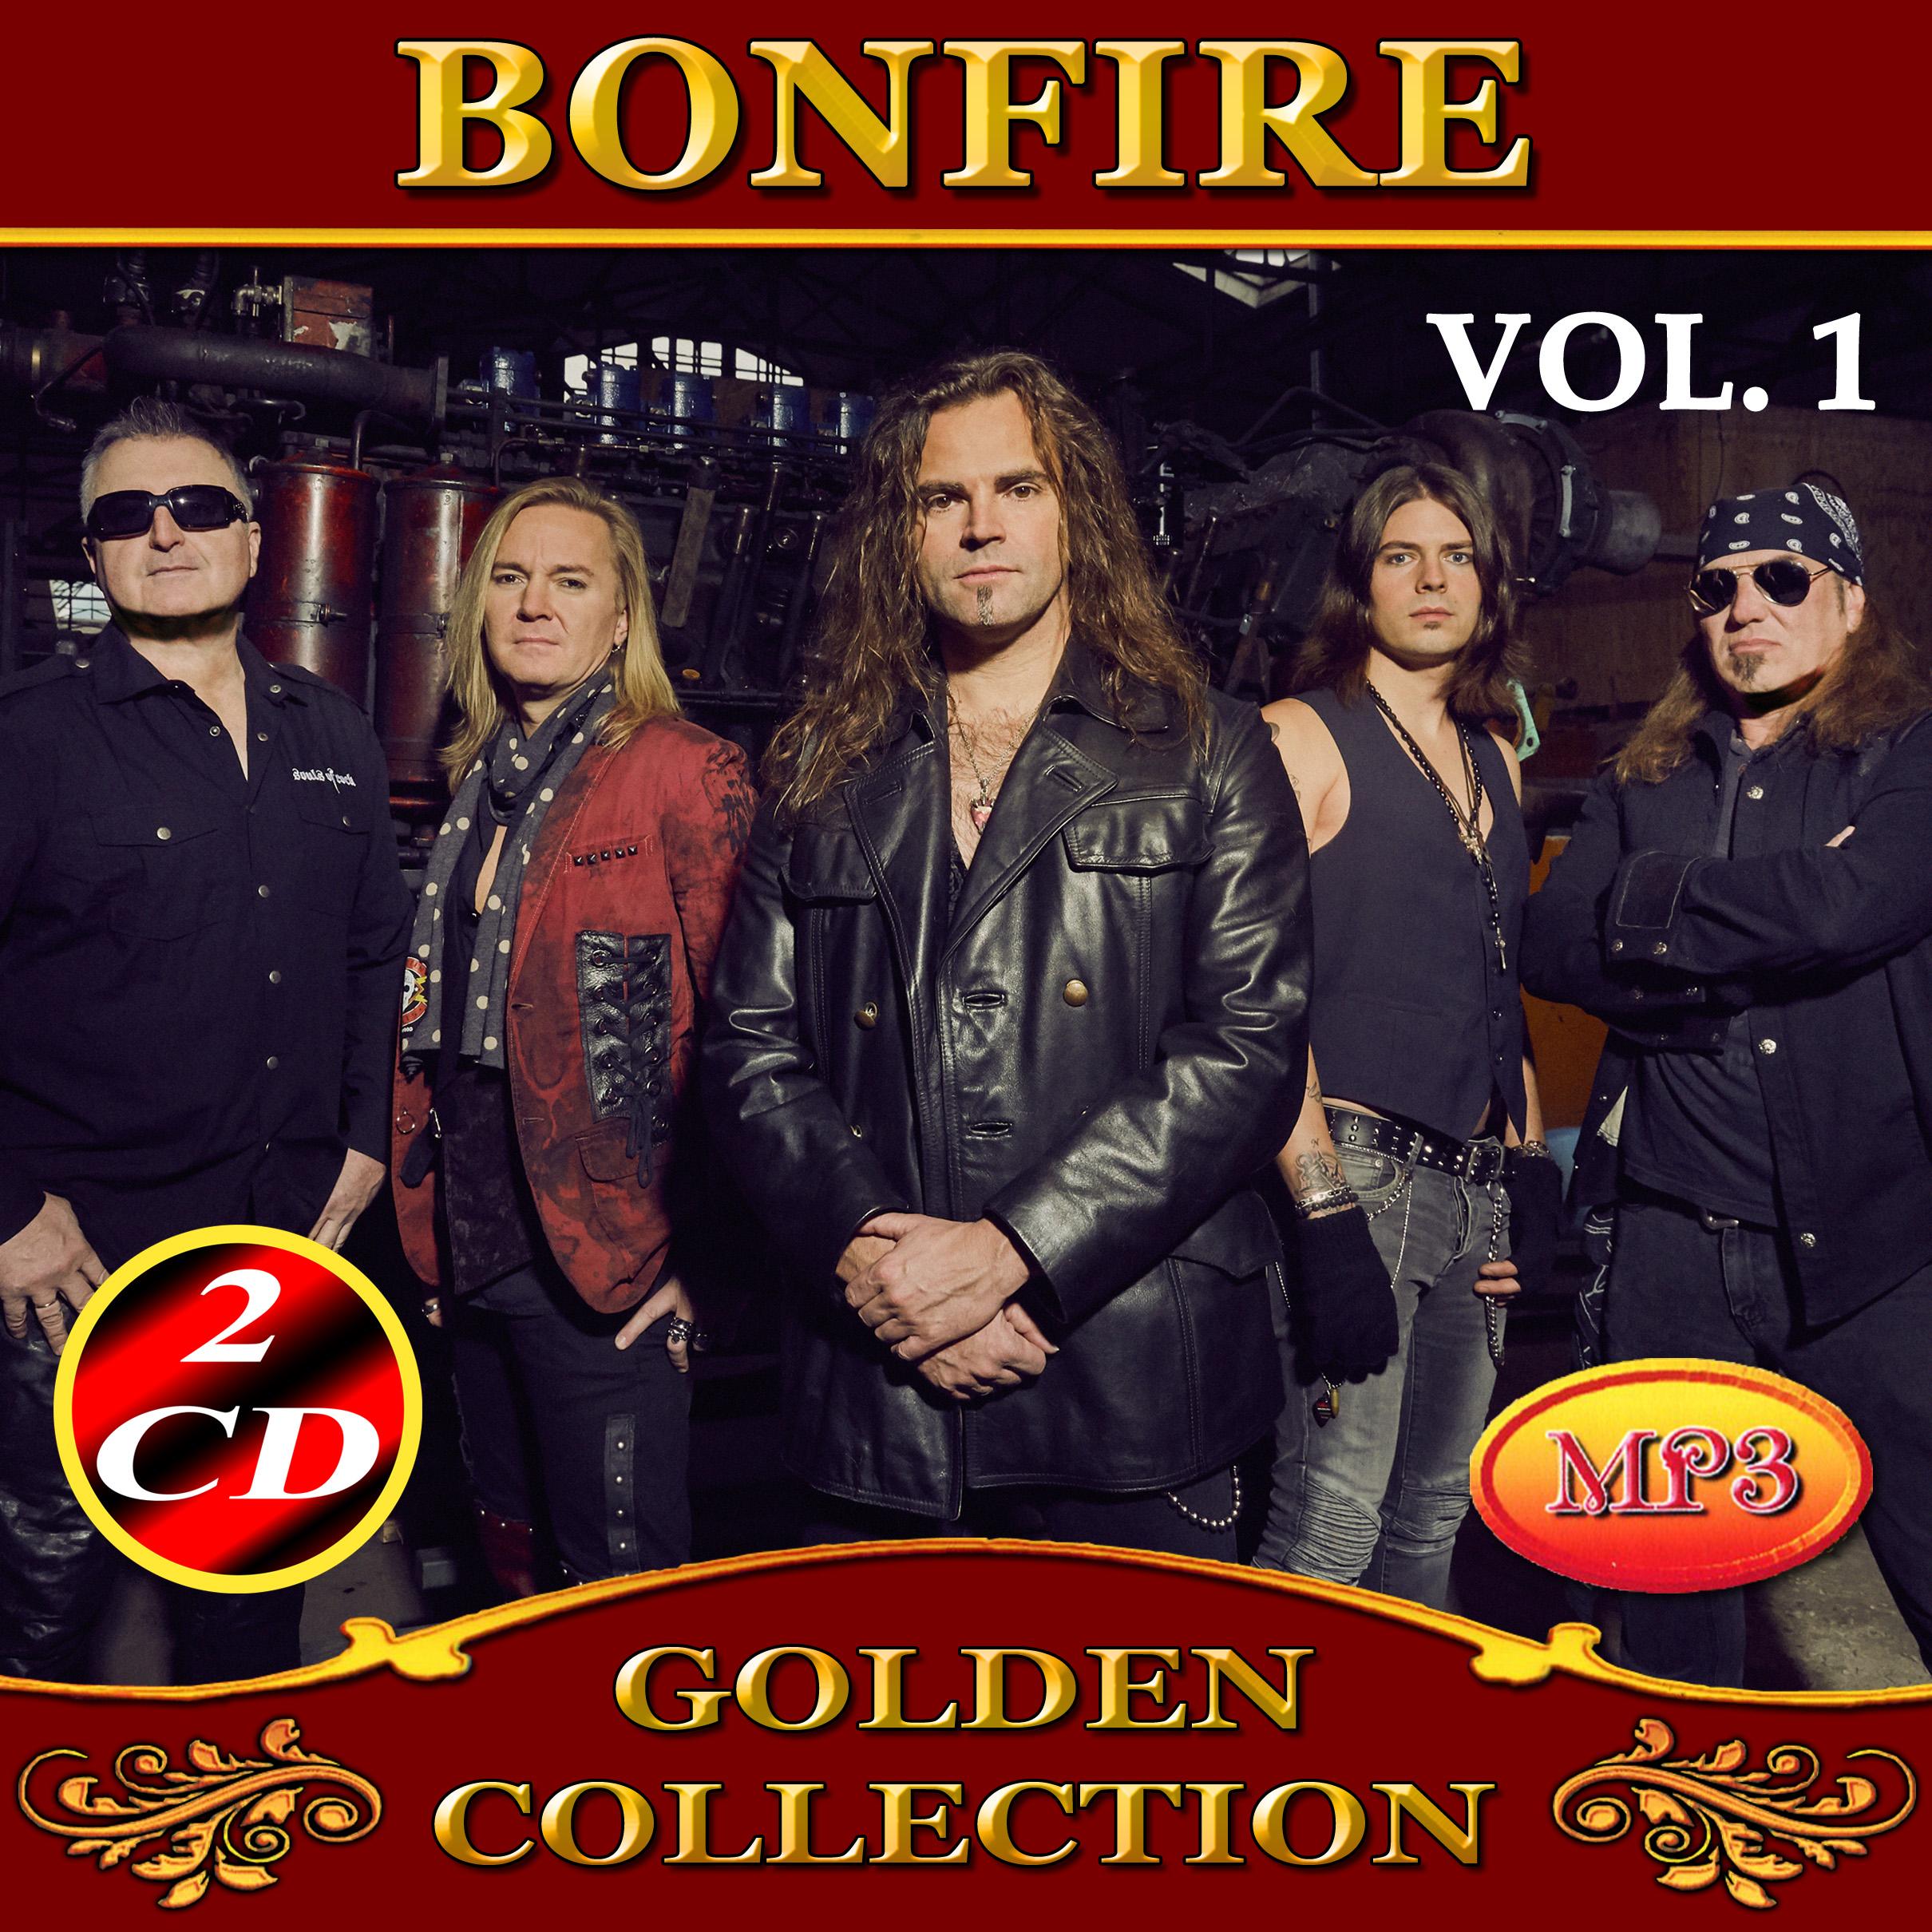 Bonfire 1ч 2cd [mp3]